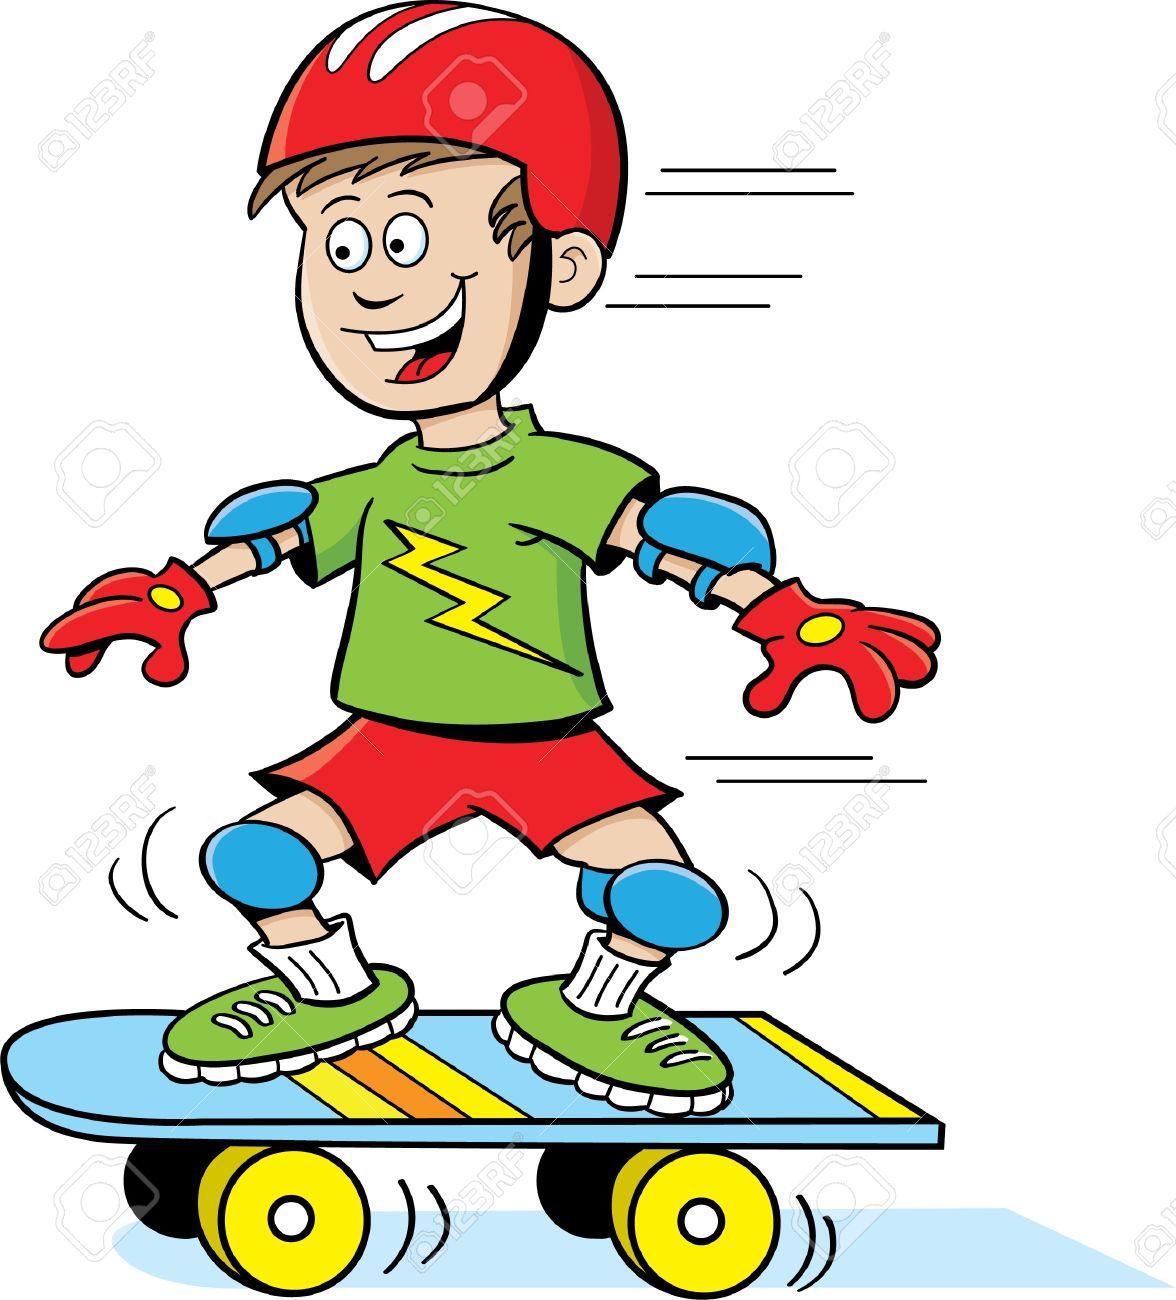 skateboard clipart 3-skateboard clipart 3-5